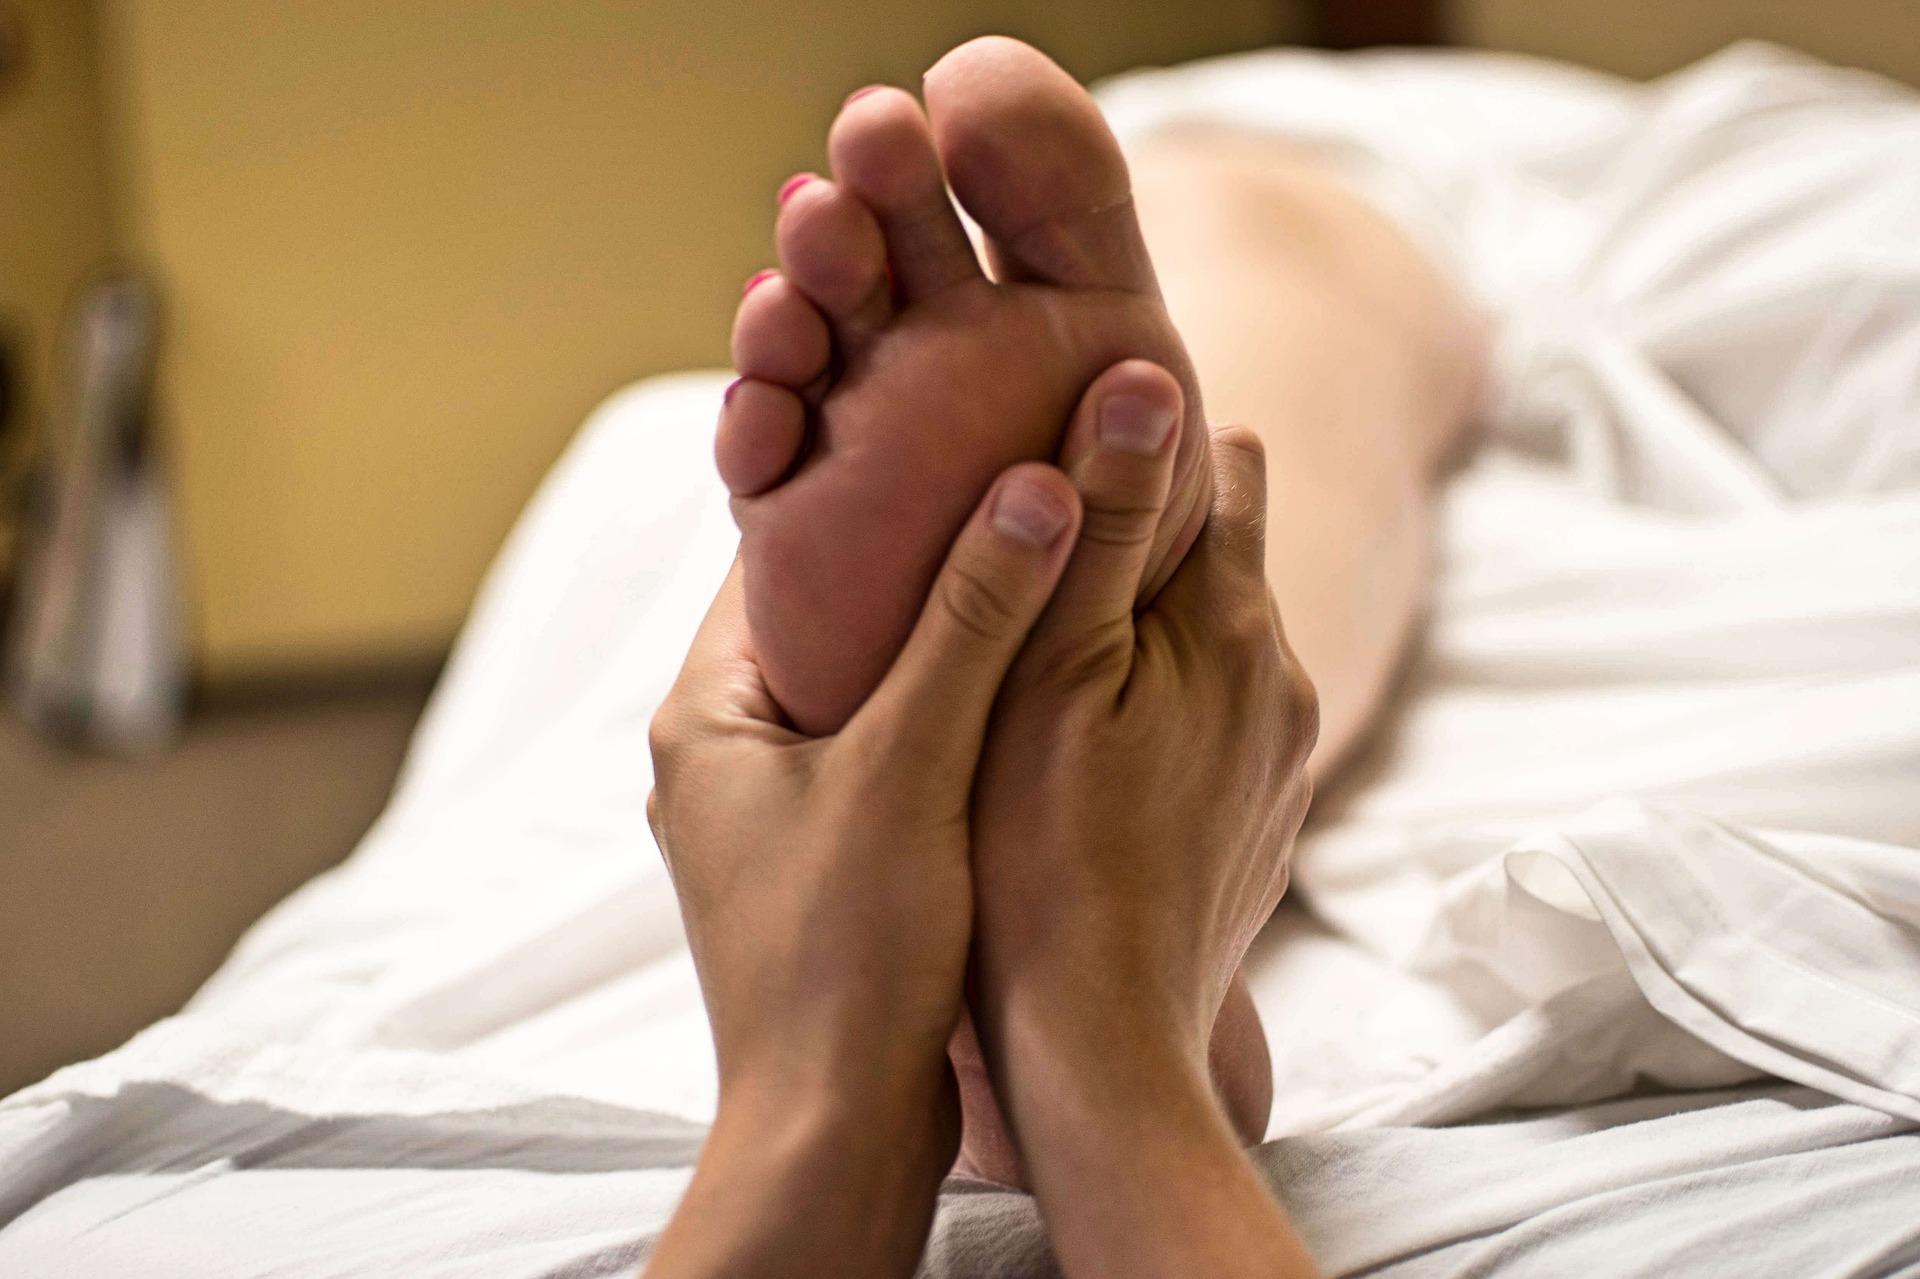 Массаж ног. Фото © Pixabay / massagenerds